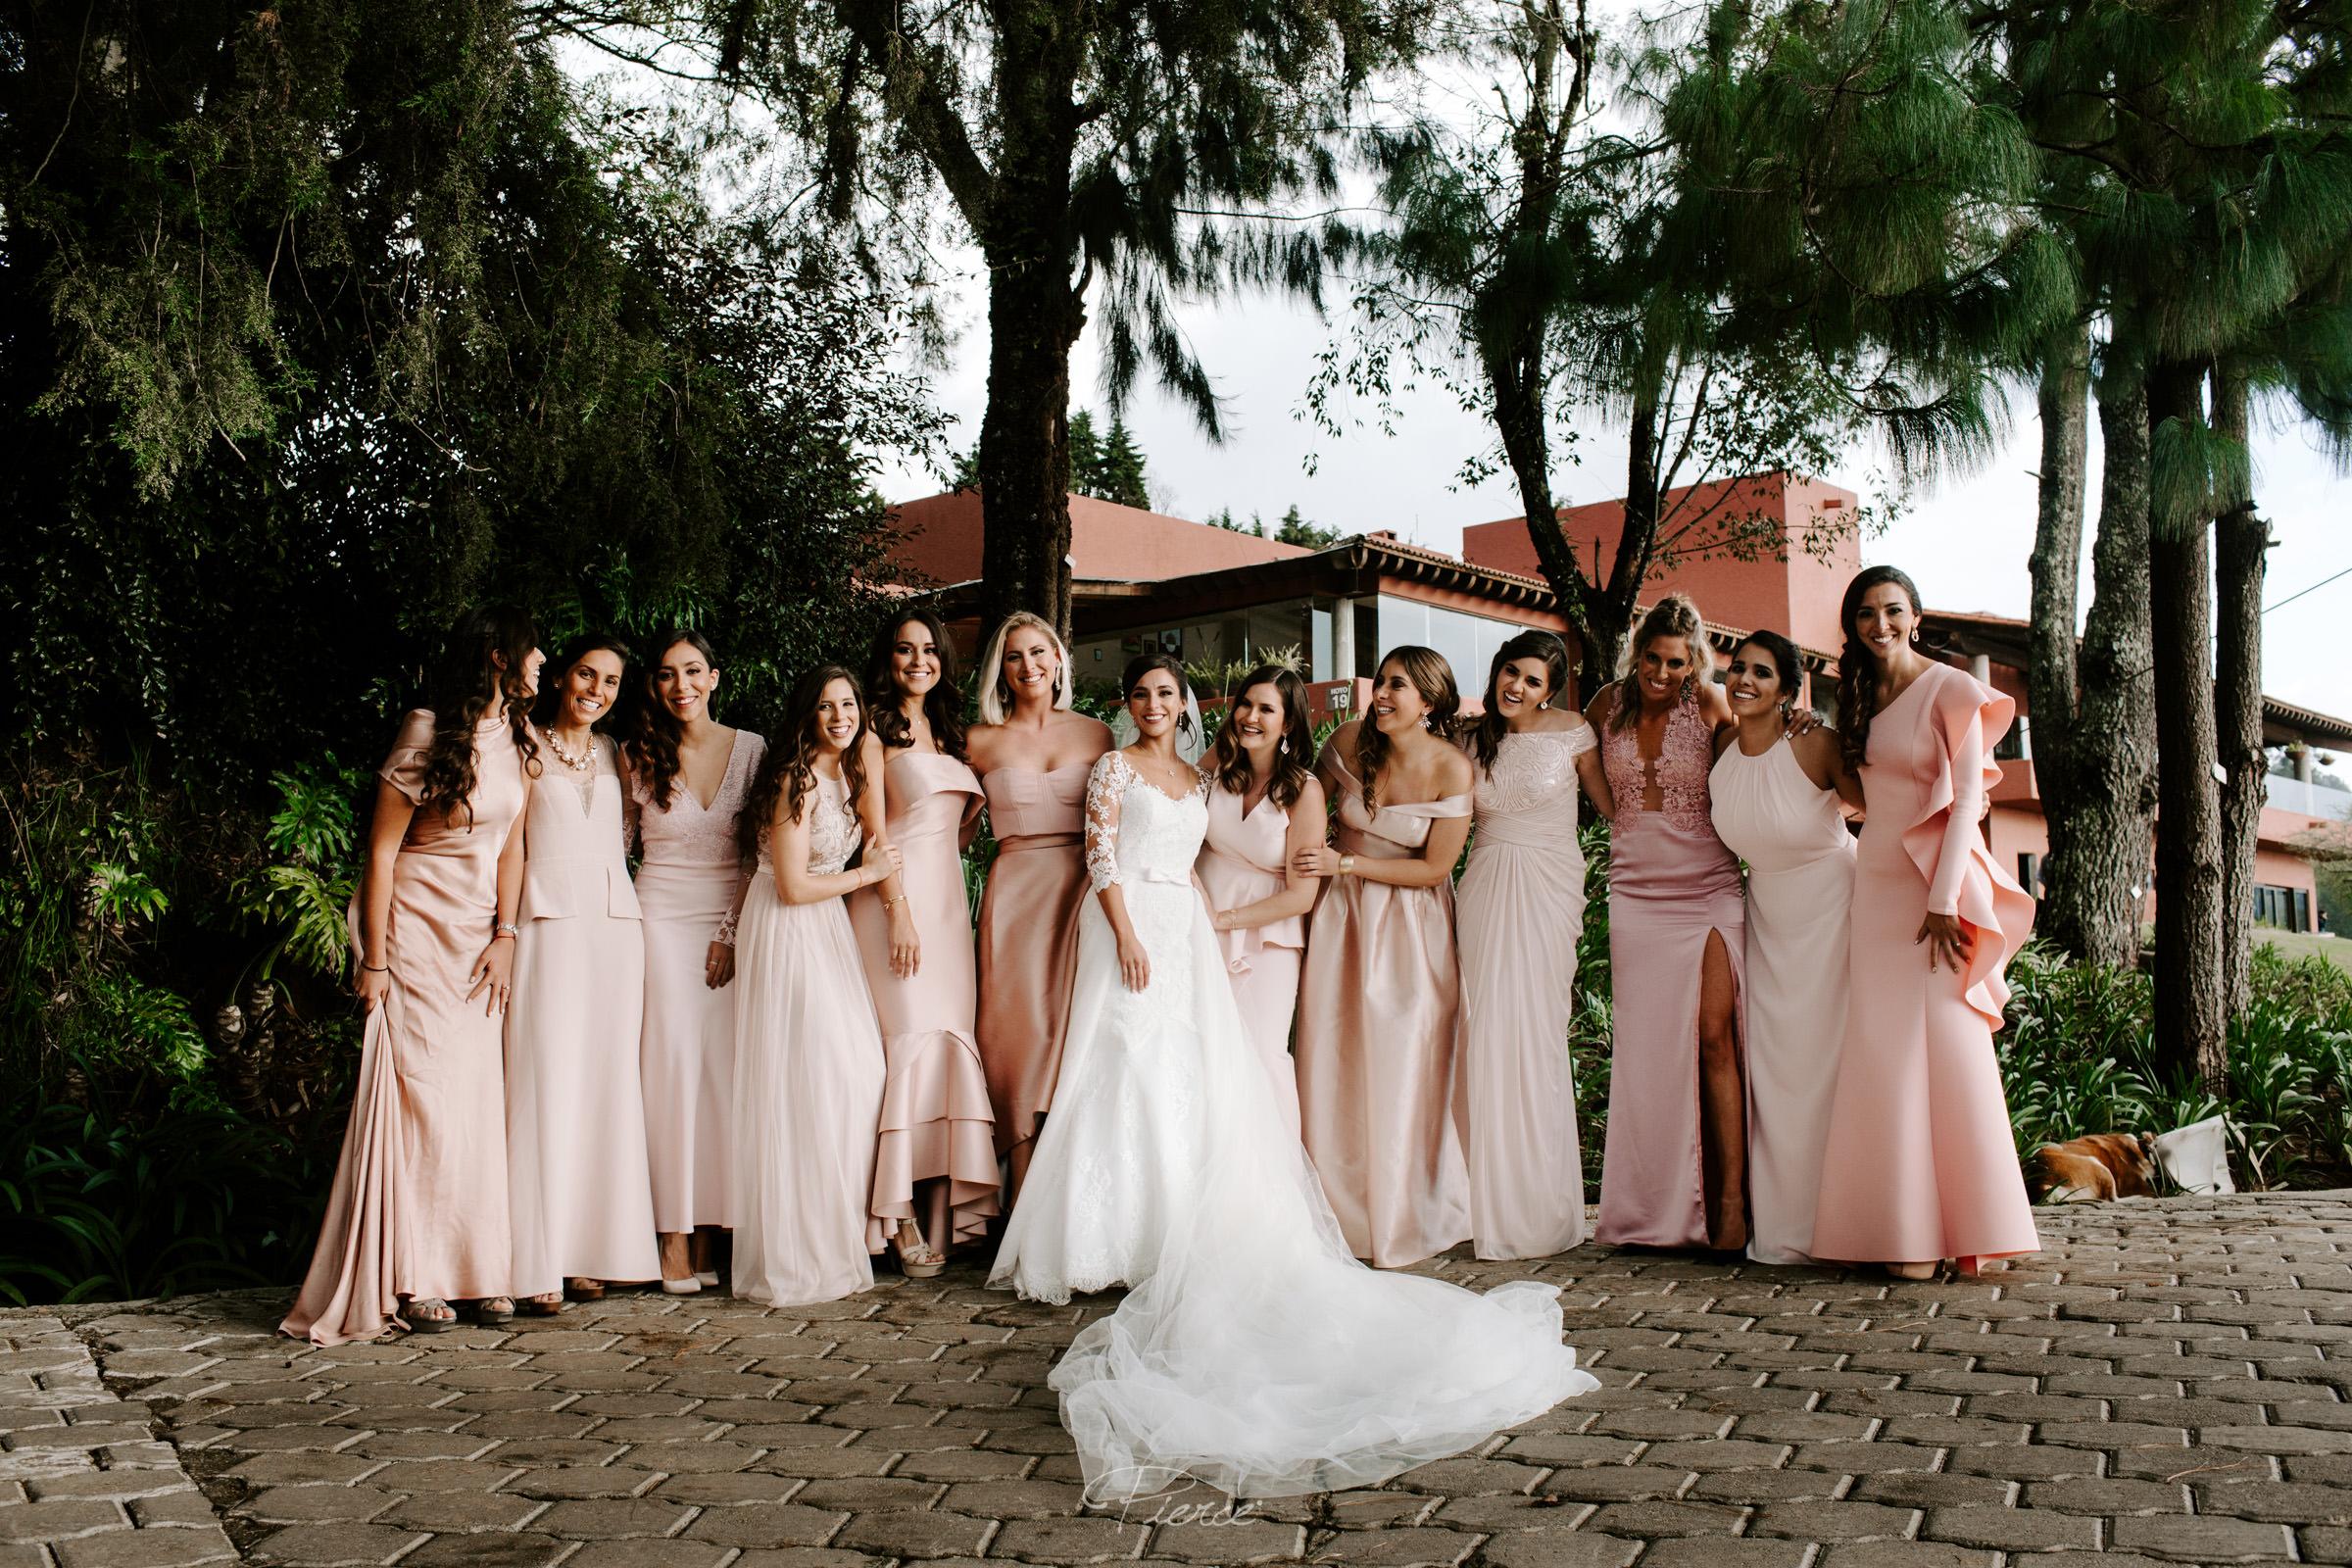 fotografia-de-boda-valle-de-bravo-mexico-rosmarino-pierce-weddings-0056.JPG